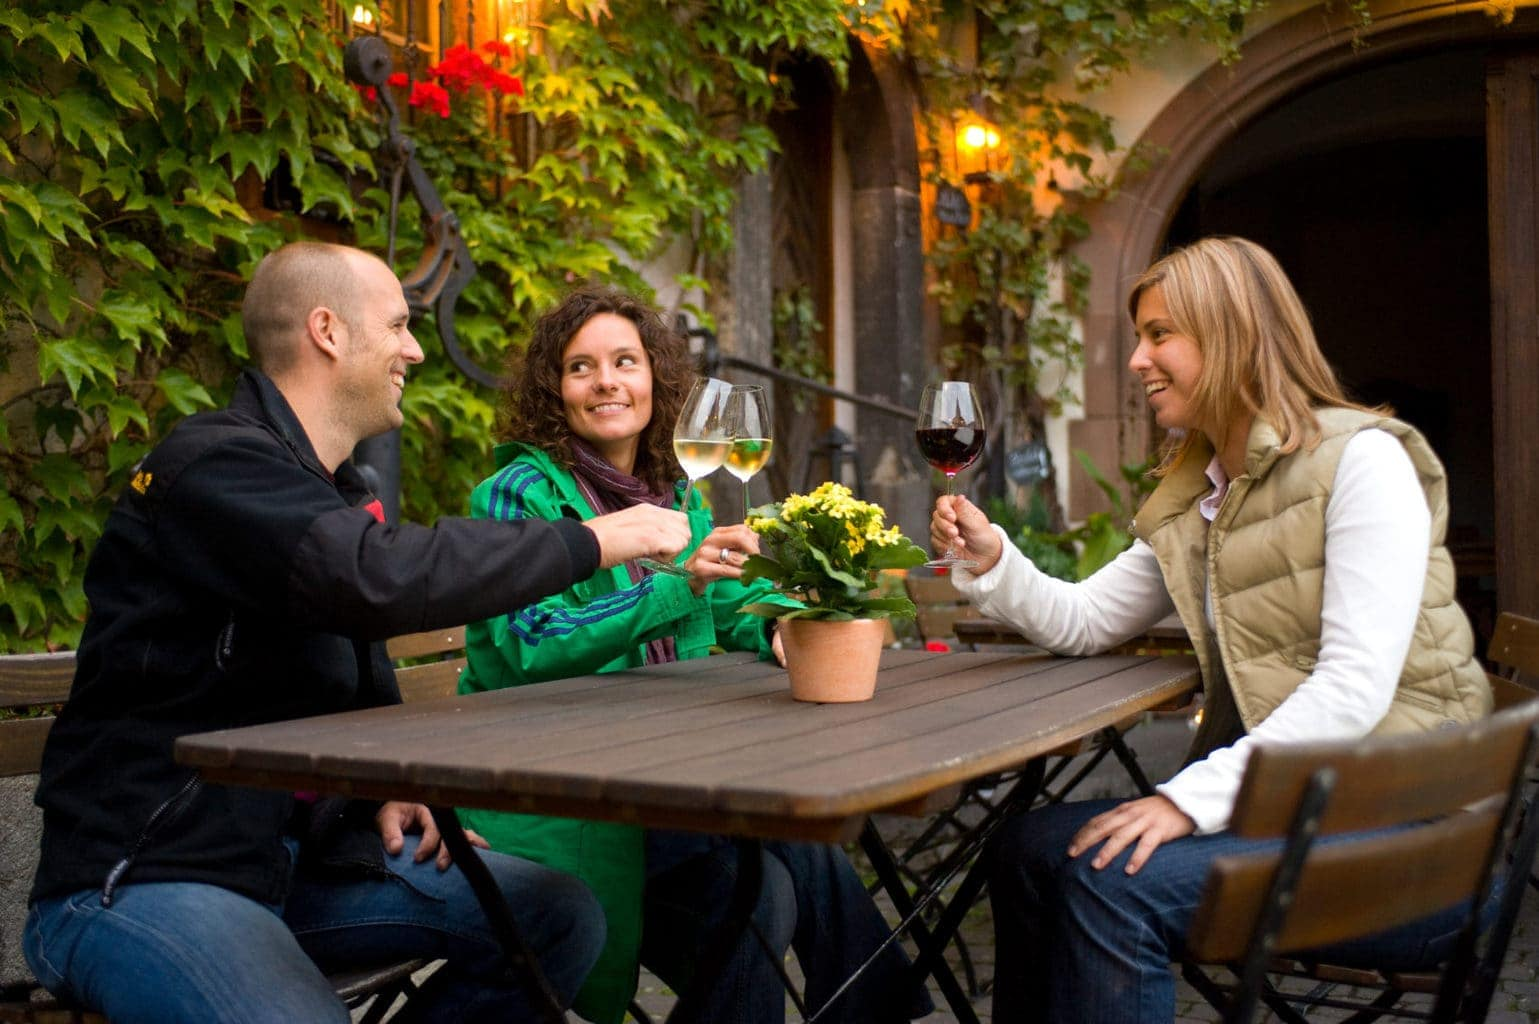 Drie jonge mensen genieten van een lekker glas Duitse wijn